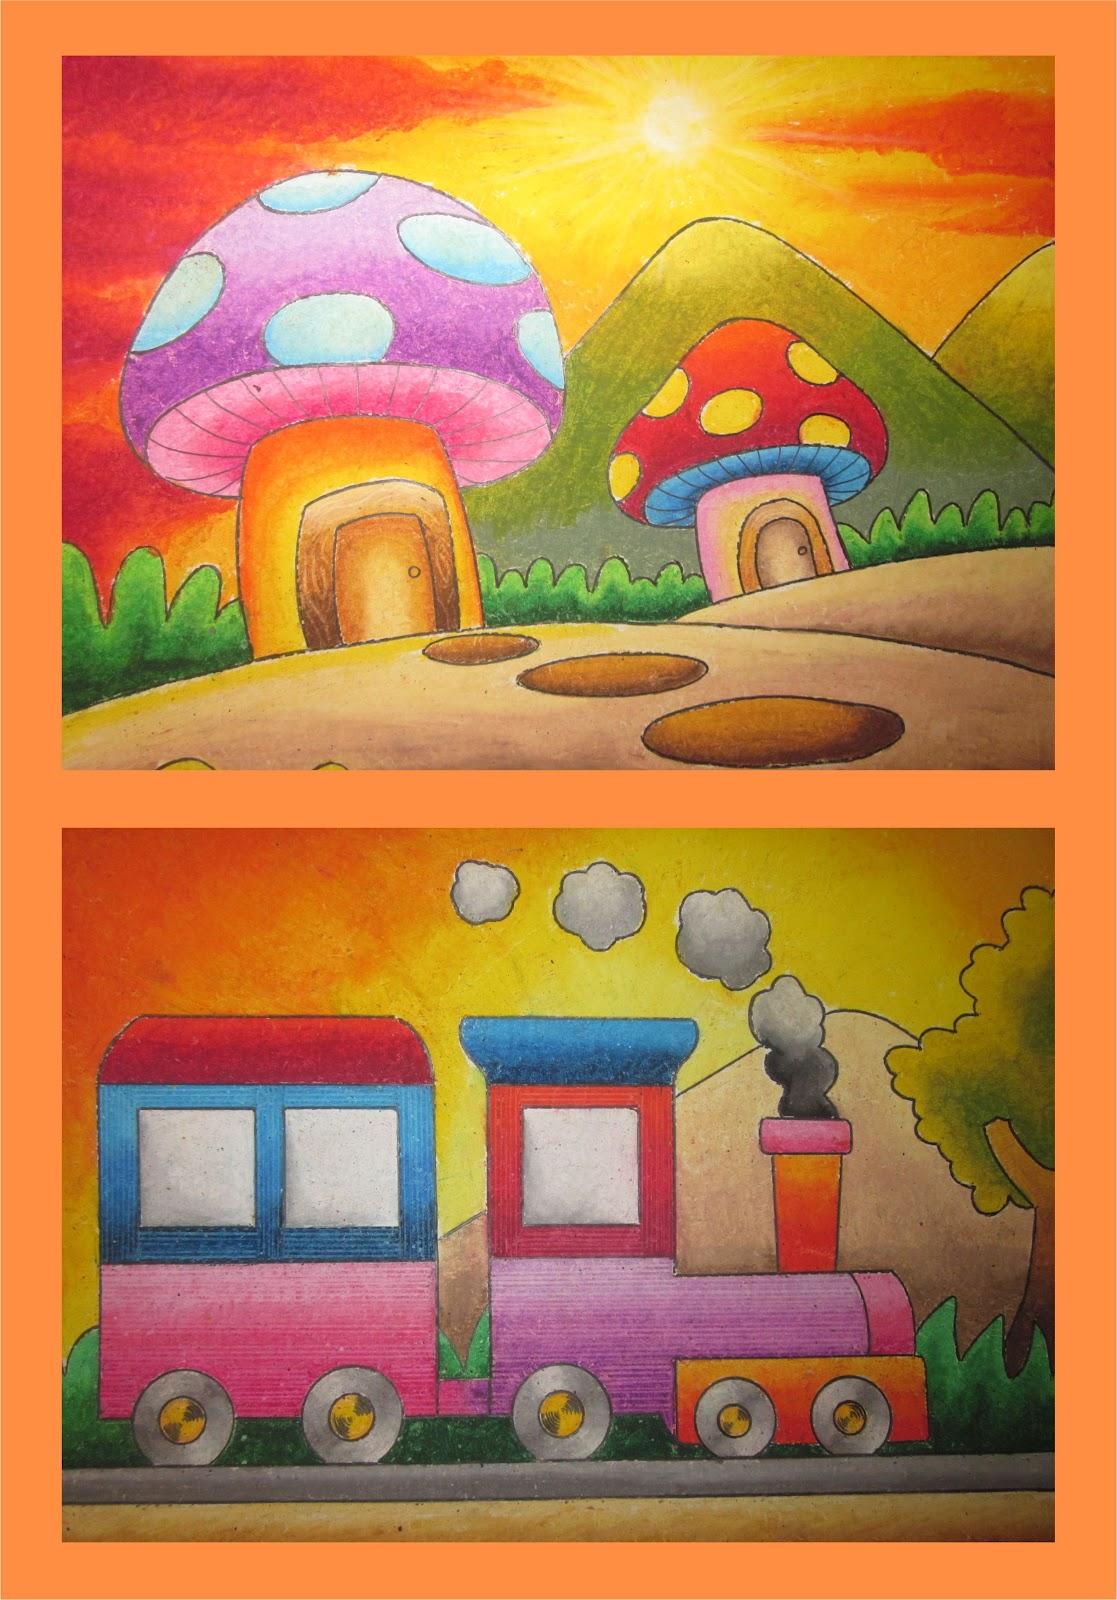 Menggambar Dan Mewarnai Rumah Jamur Gambar Mewarnai Gratis